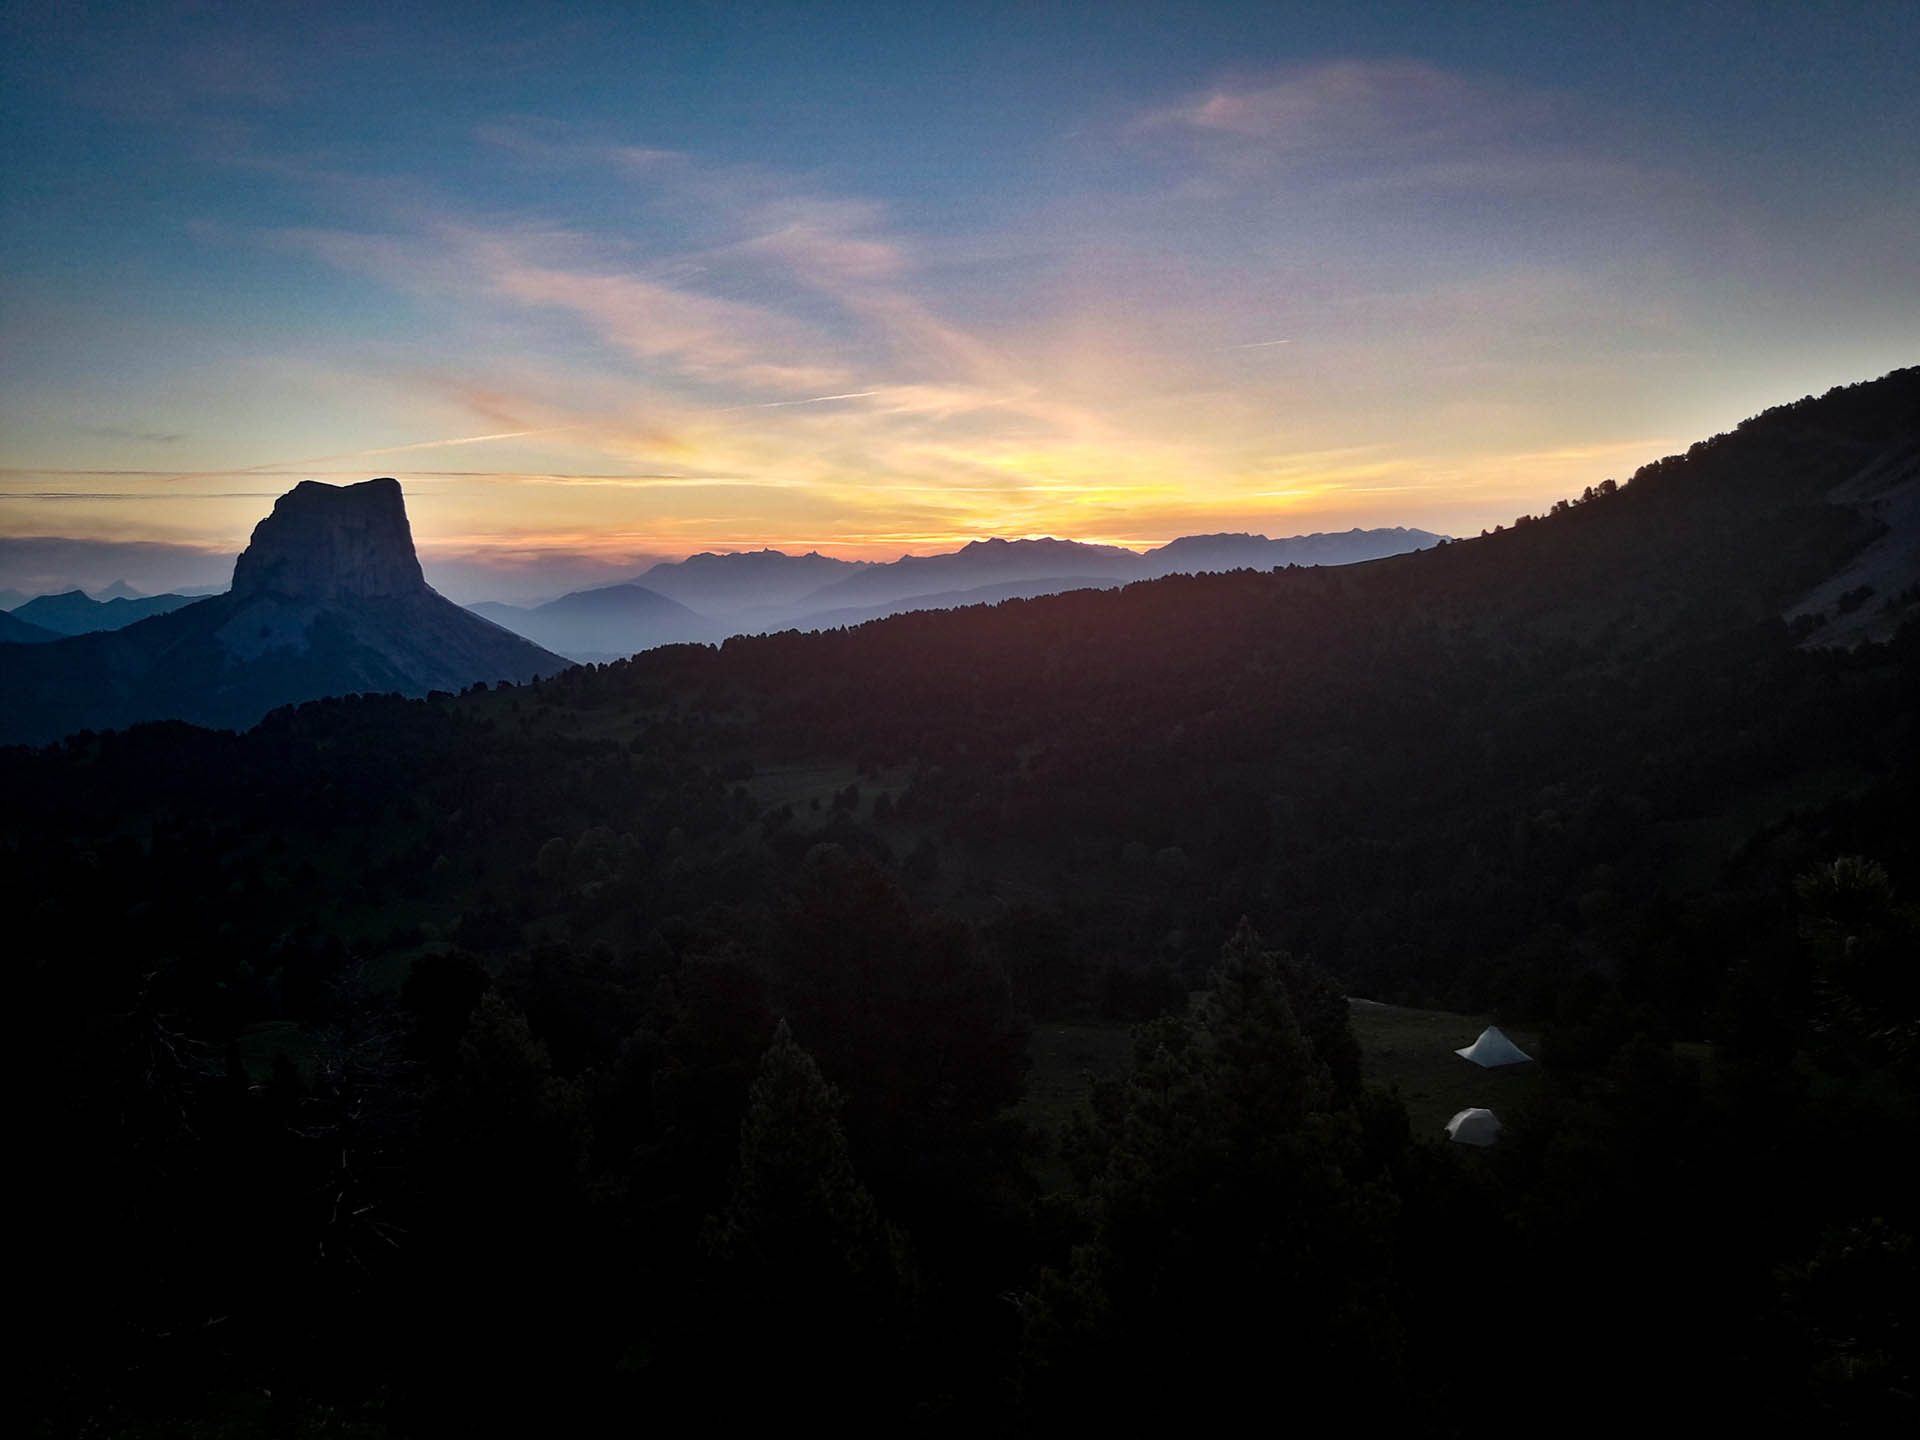 Slow Rando Sejour Liberte Decouverte Bivouac Hauts Plateaux Vercors Mont Aiguille Coucher Soleil